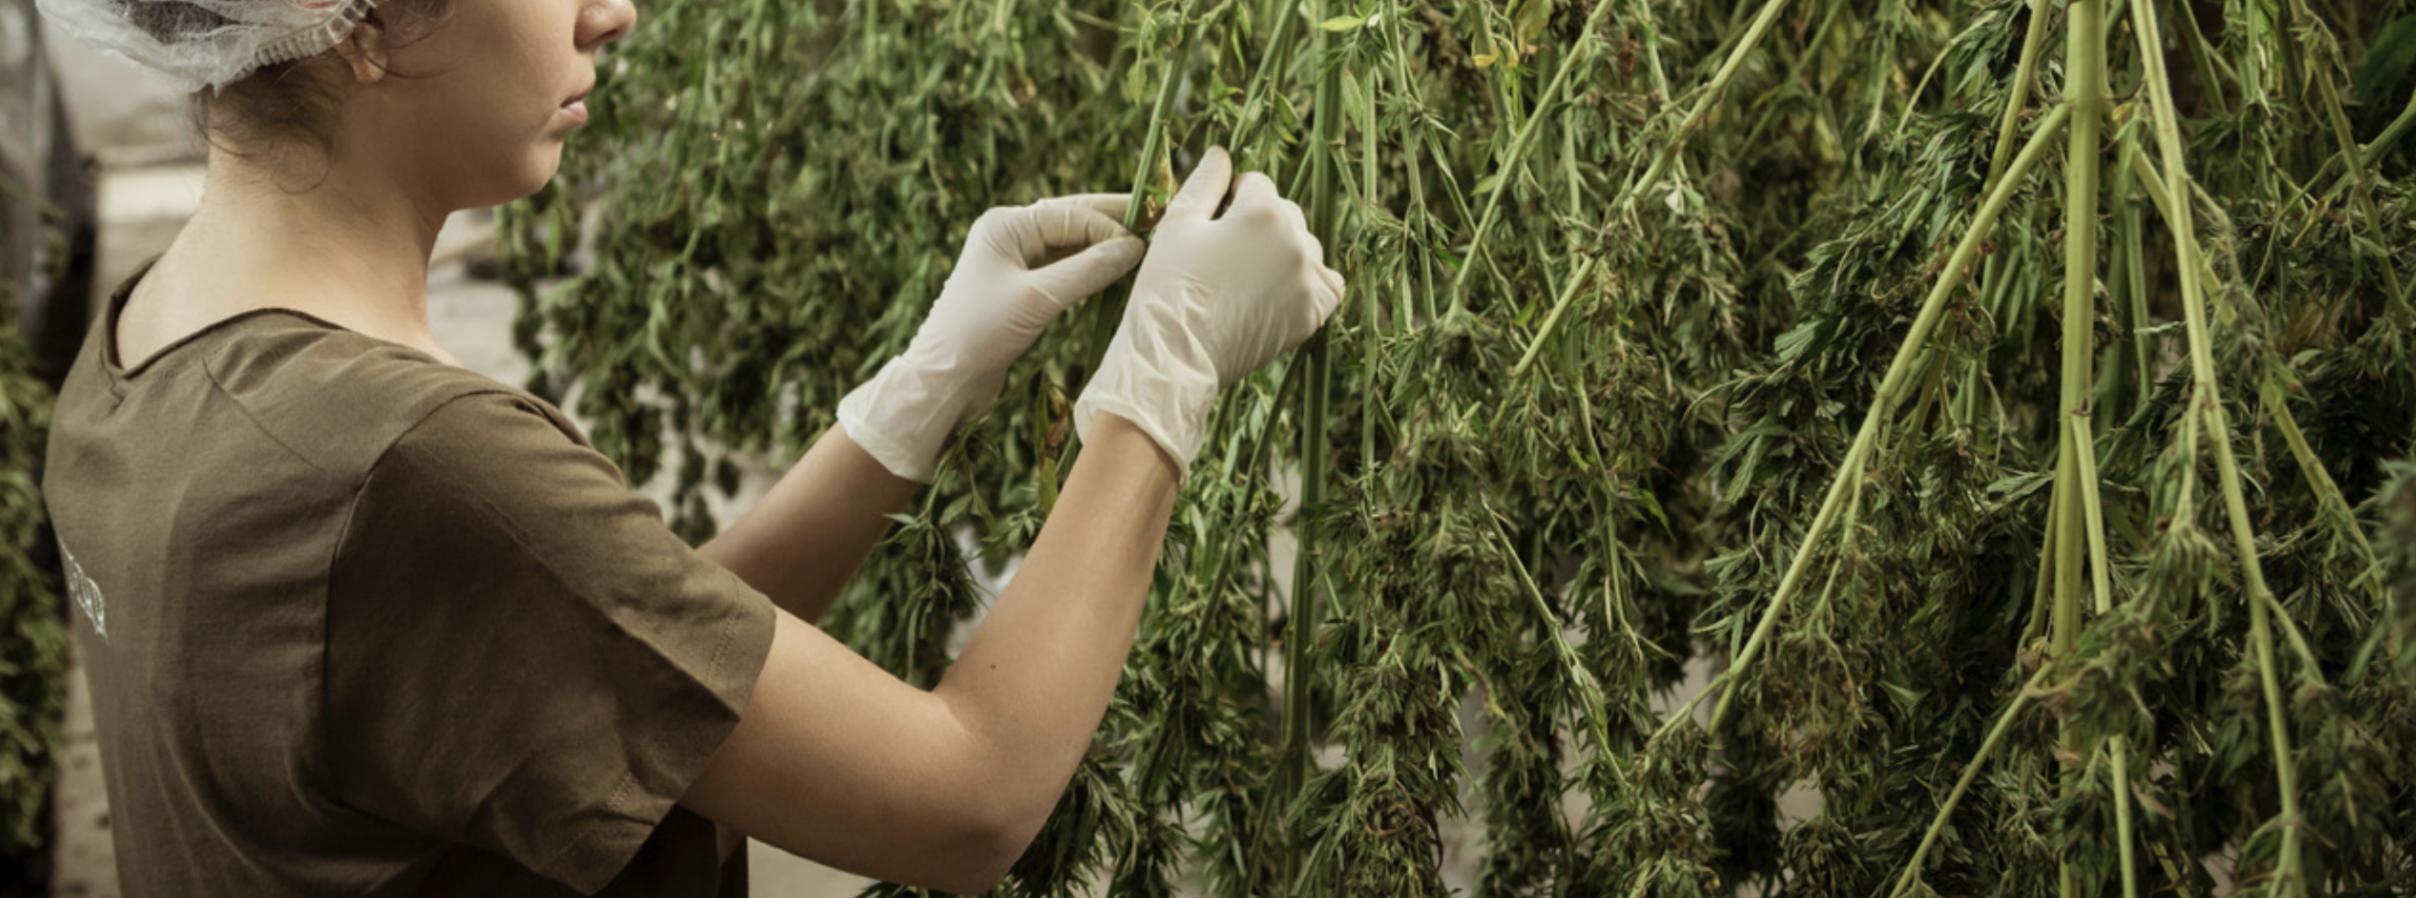 creación de empleo en la industria de cannabis